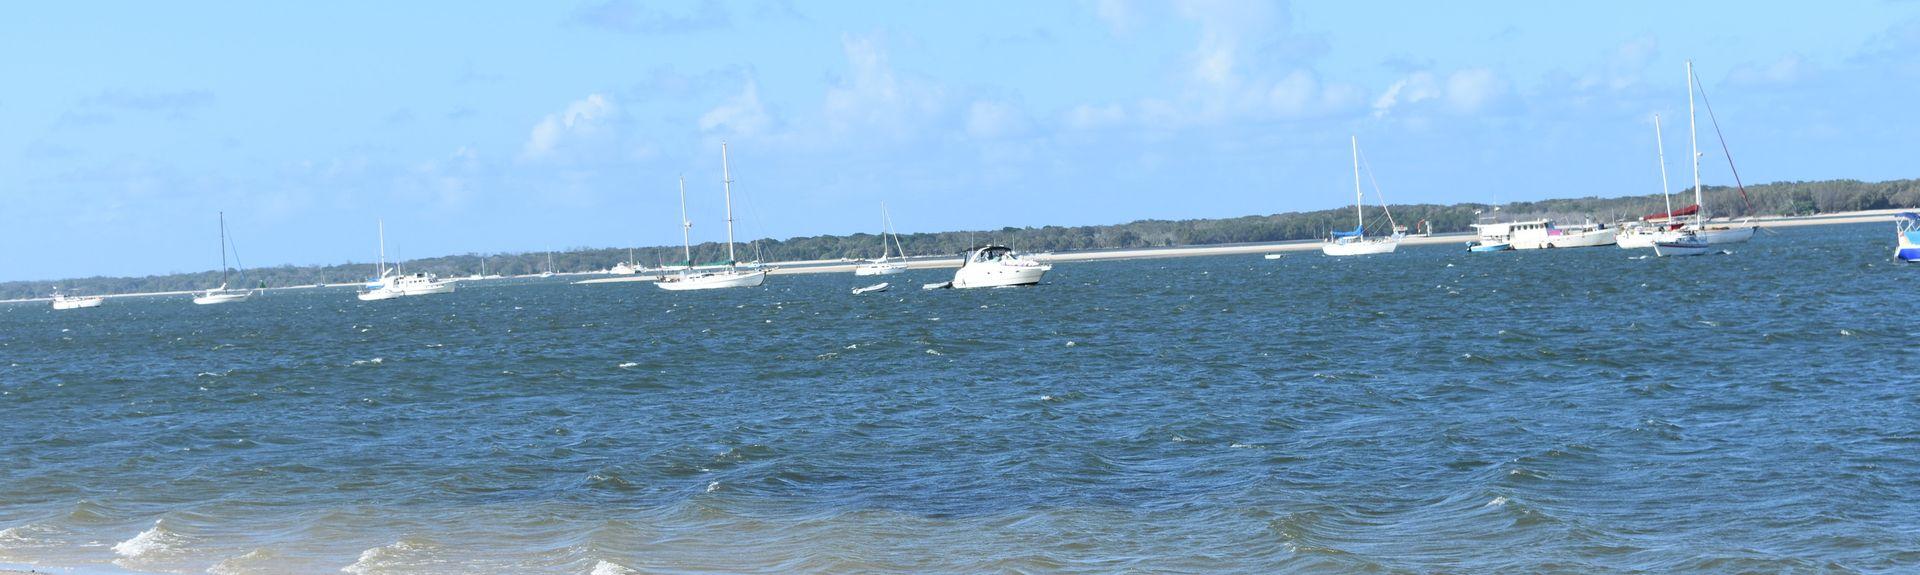 Mermaid Waters, Queensland, Australia